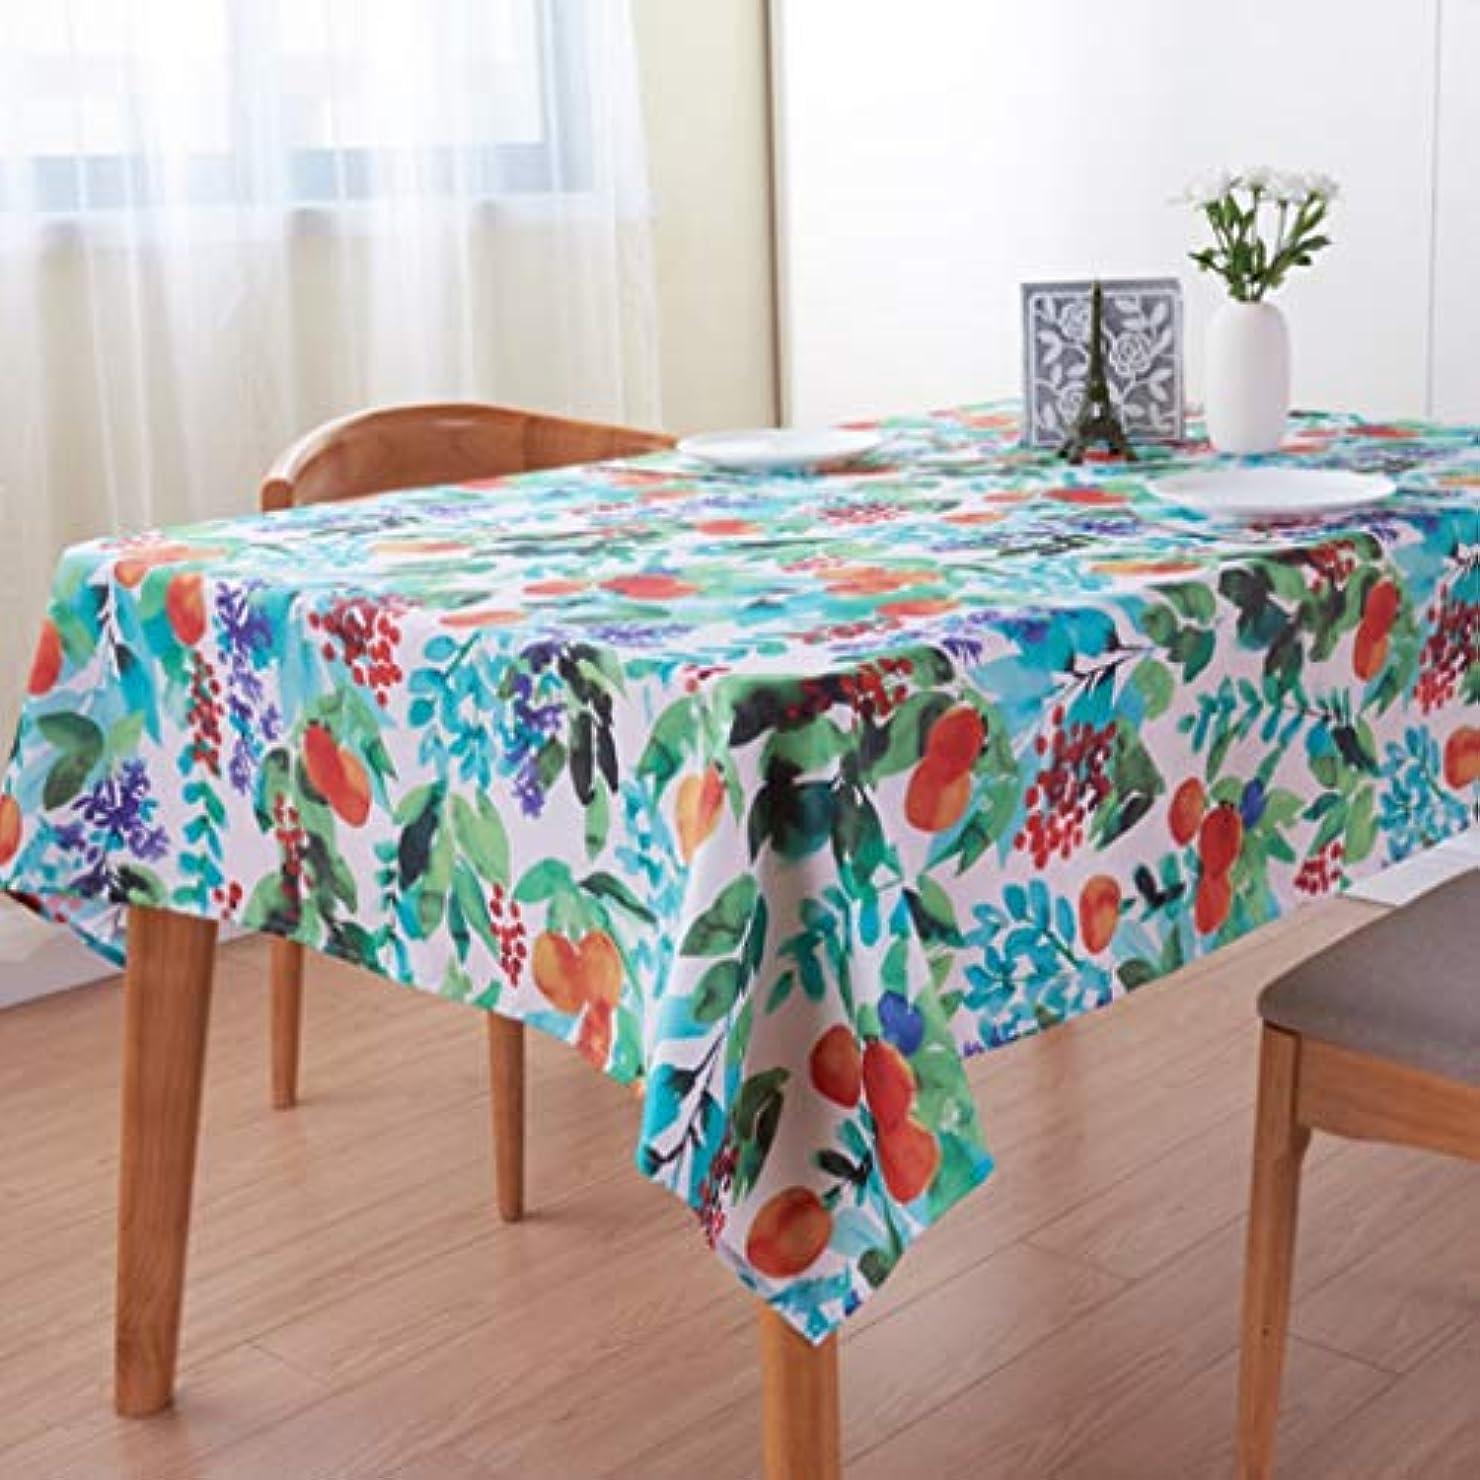 波番号スプリット緑の牧歌の防水ポリエステルプリントのテーブルクロス、長方形のホームレストランのテーブルクロス140cm * 200cm テーブルクロス-11.8